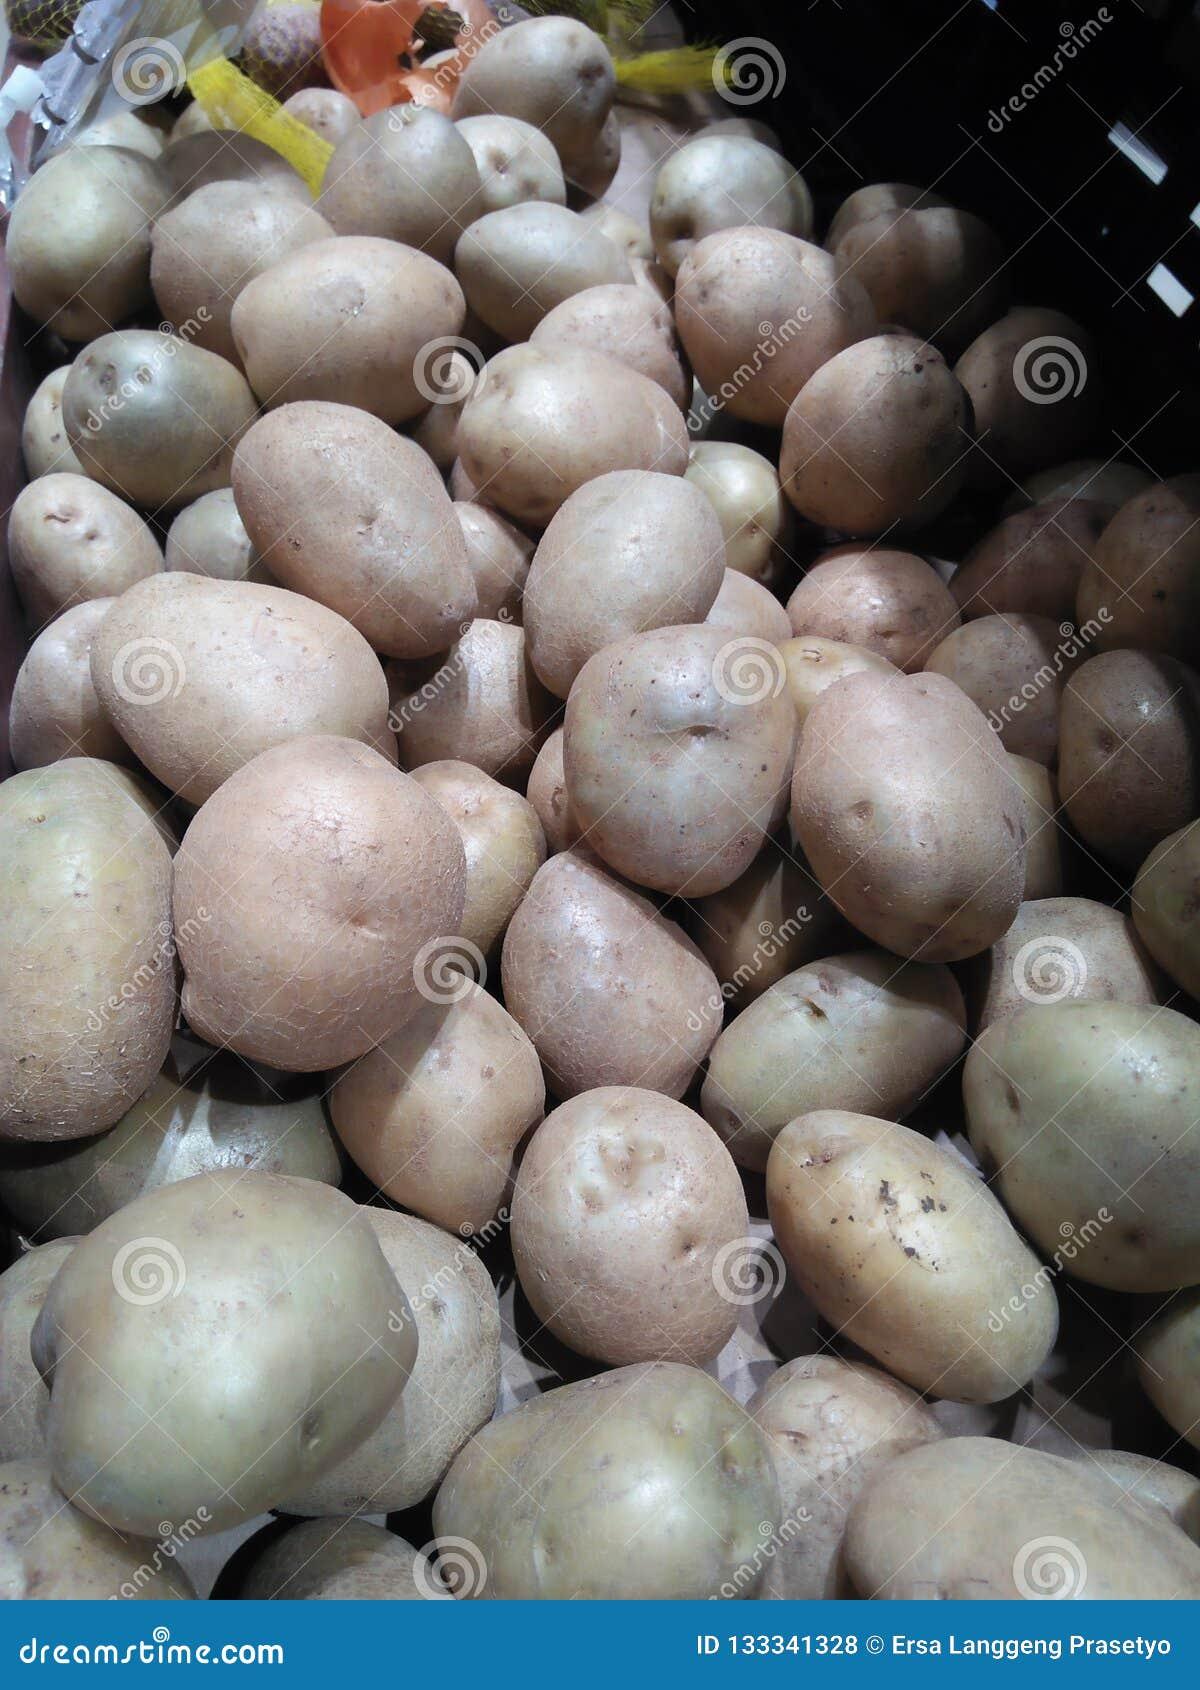 Фото показывает много картошек которые проданы в рынке